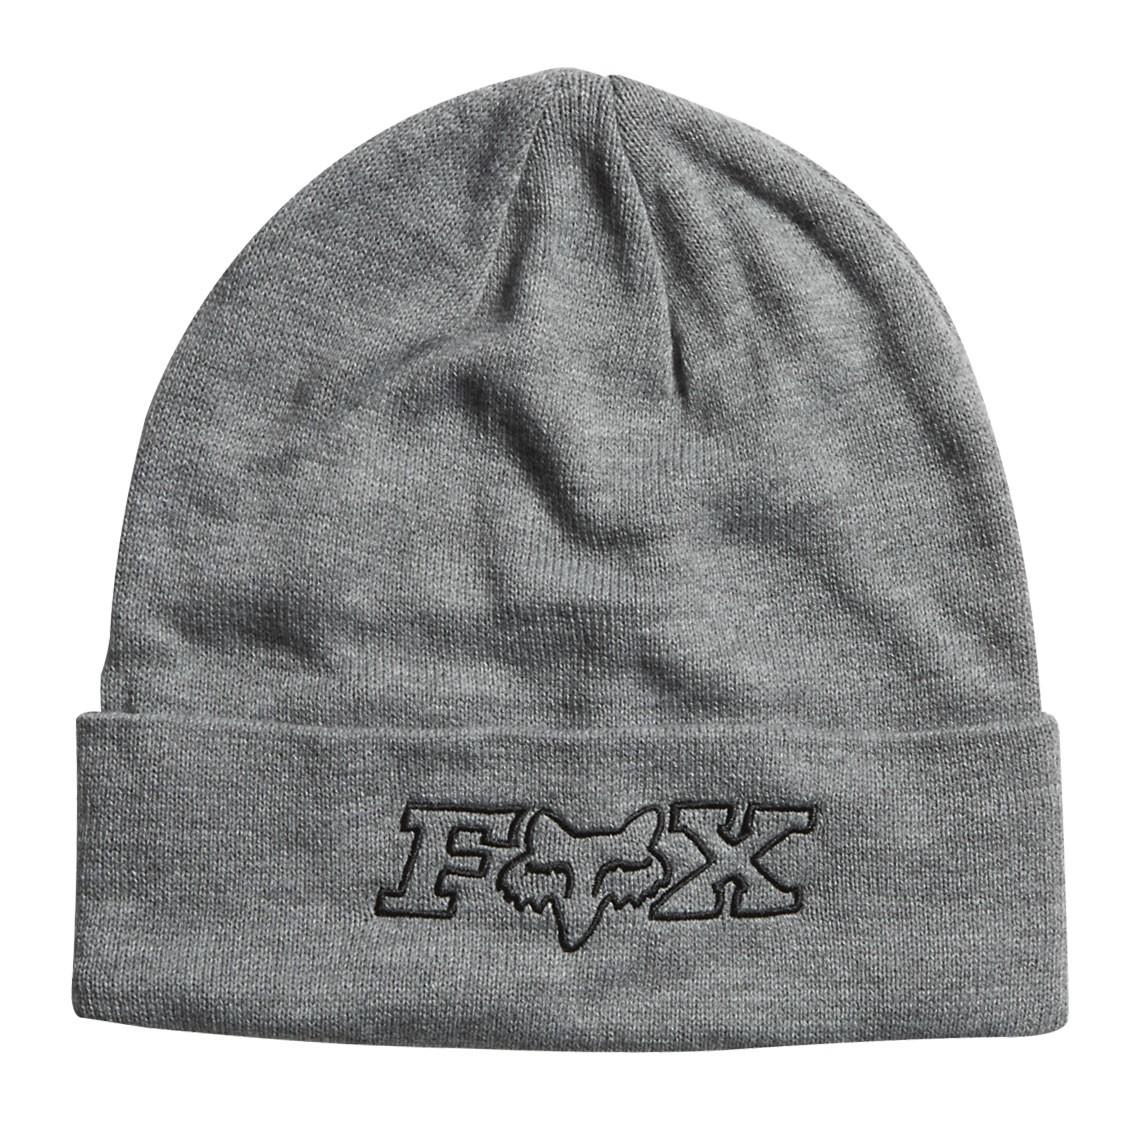 Zimní čepice Fox Og heather grey 14/15 + doručení do 24 hodin